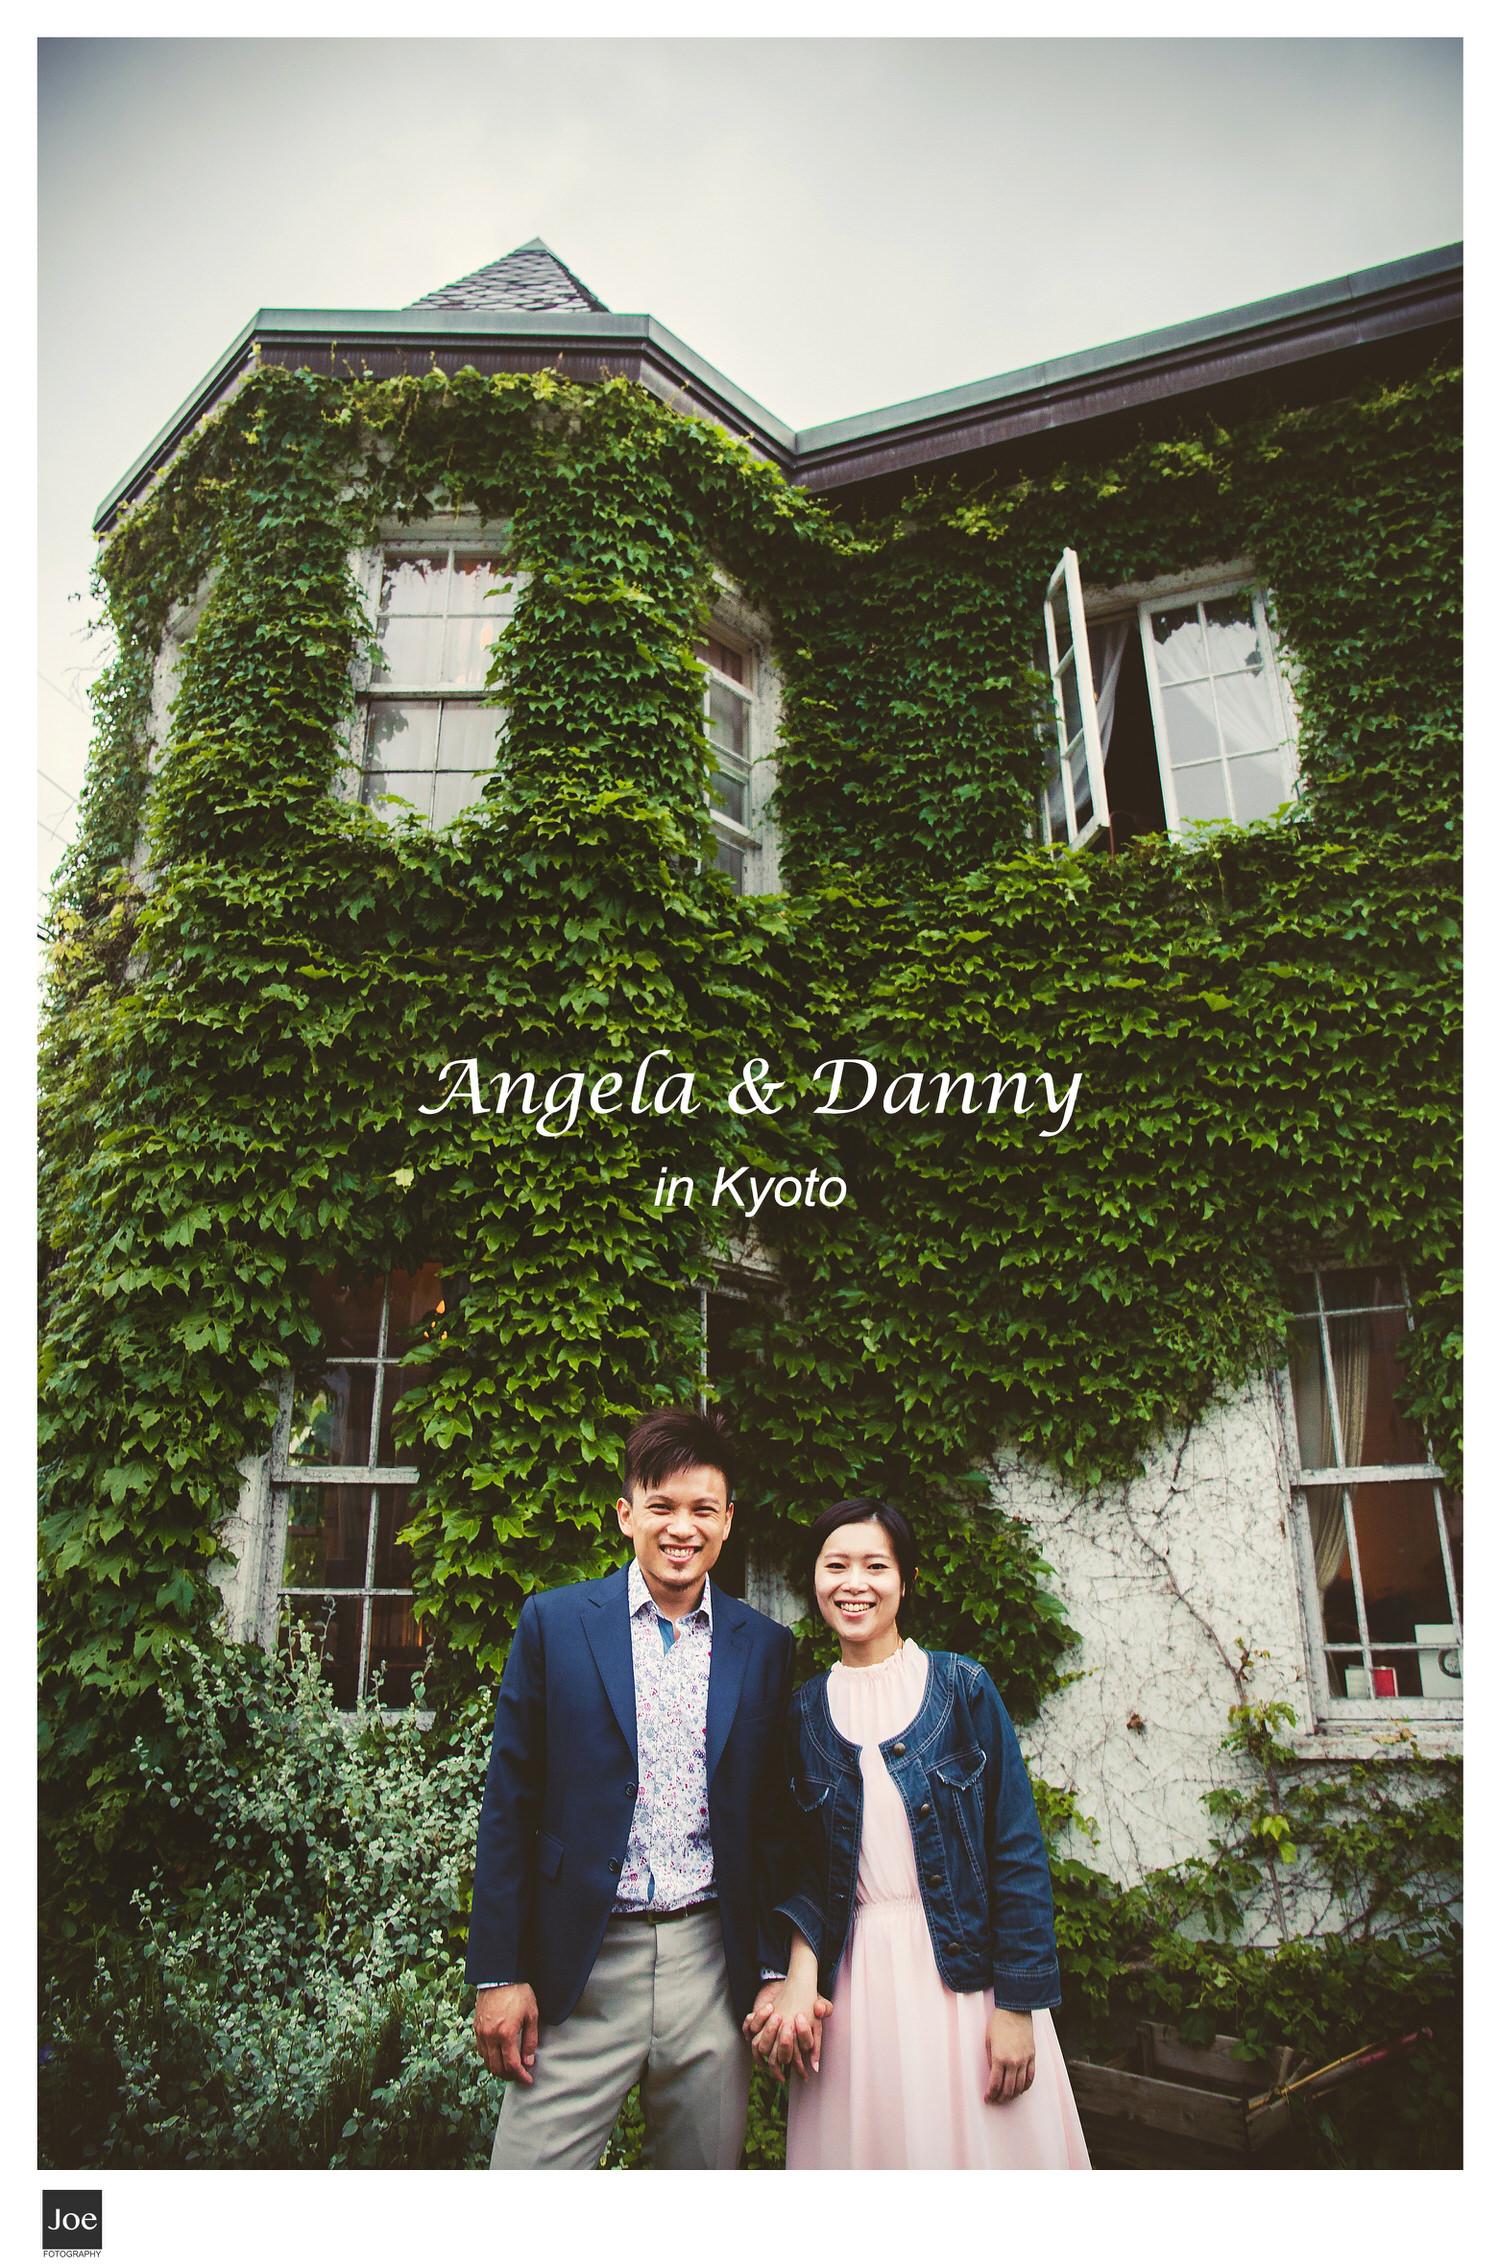 32-gospel-kyoto-pre-wedding-angela-danny-joe-fotography.jpg